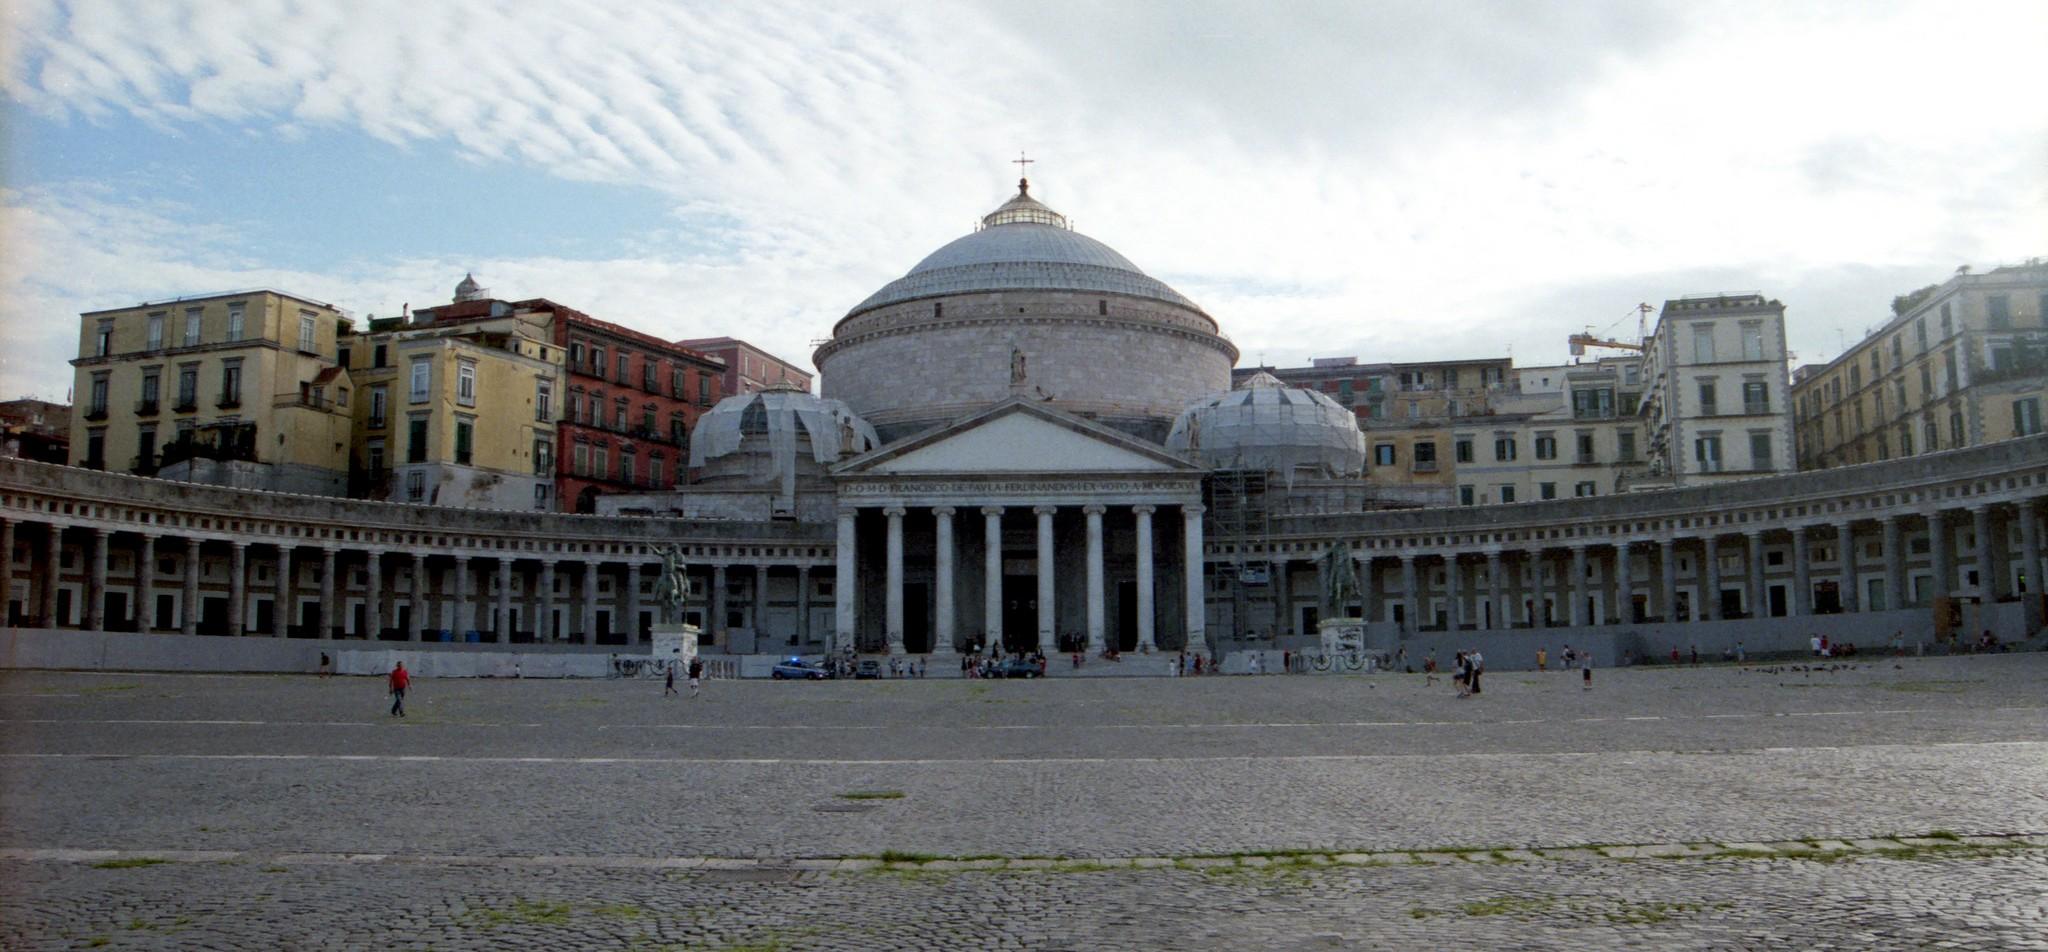 Turismo religioso in Campania Piazza del Plebiscito a Napoli